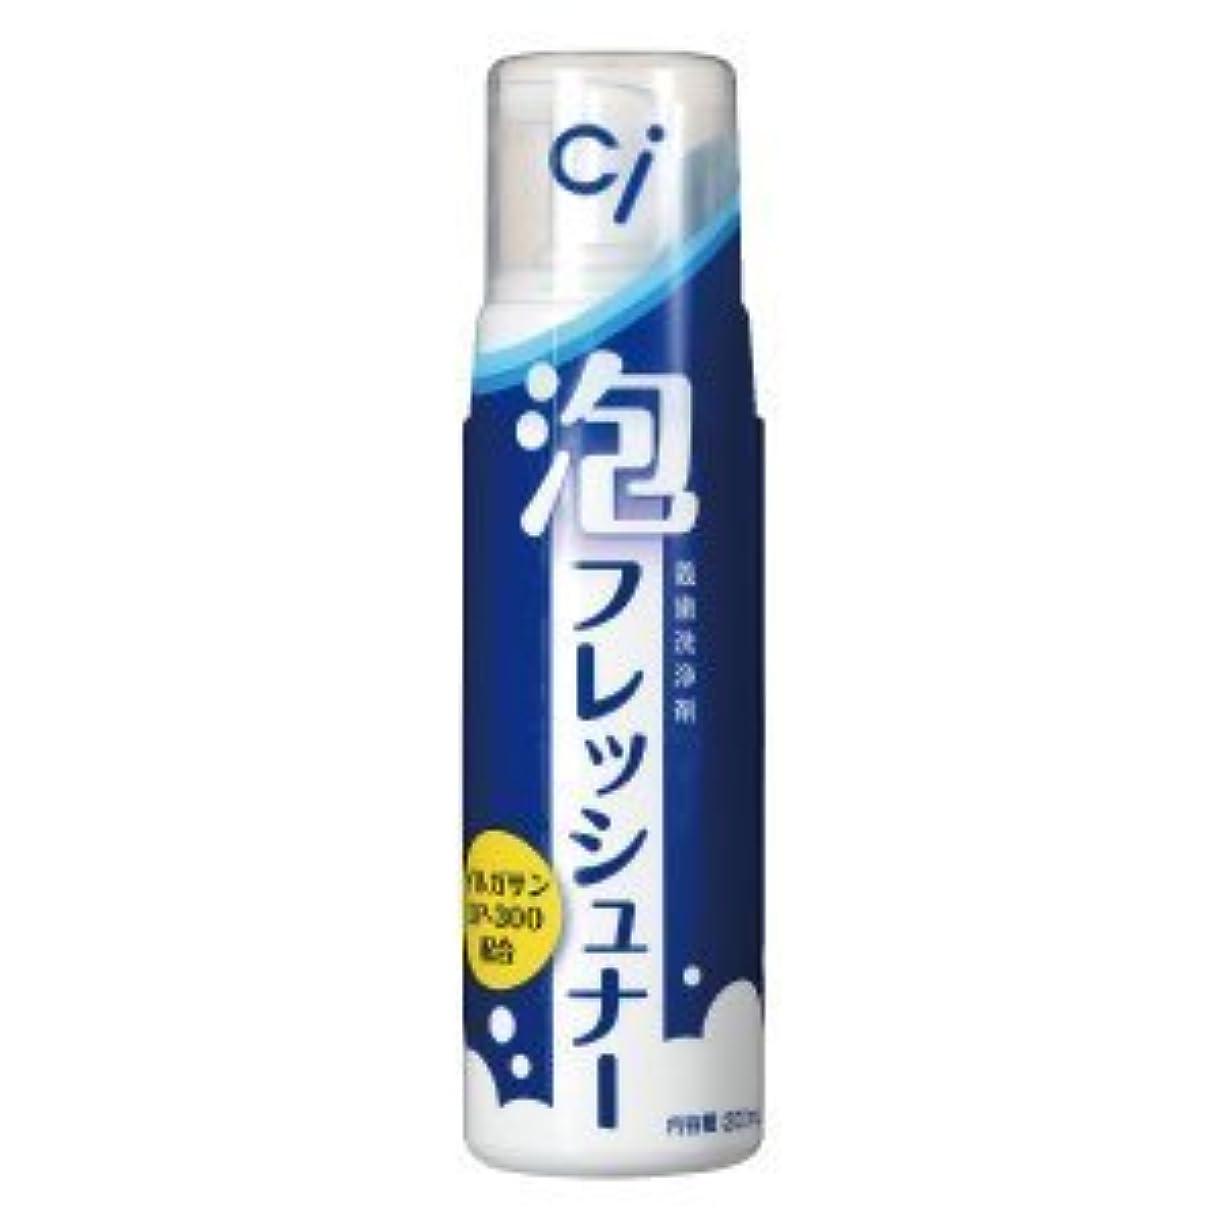 安定しました解読する安定しましたCi 泡フレッシュナー 義歯洗浄剤 1本(200ml)